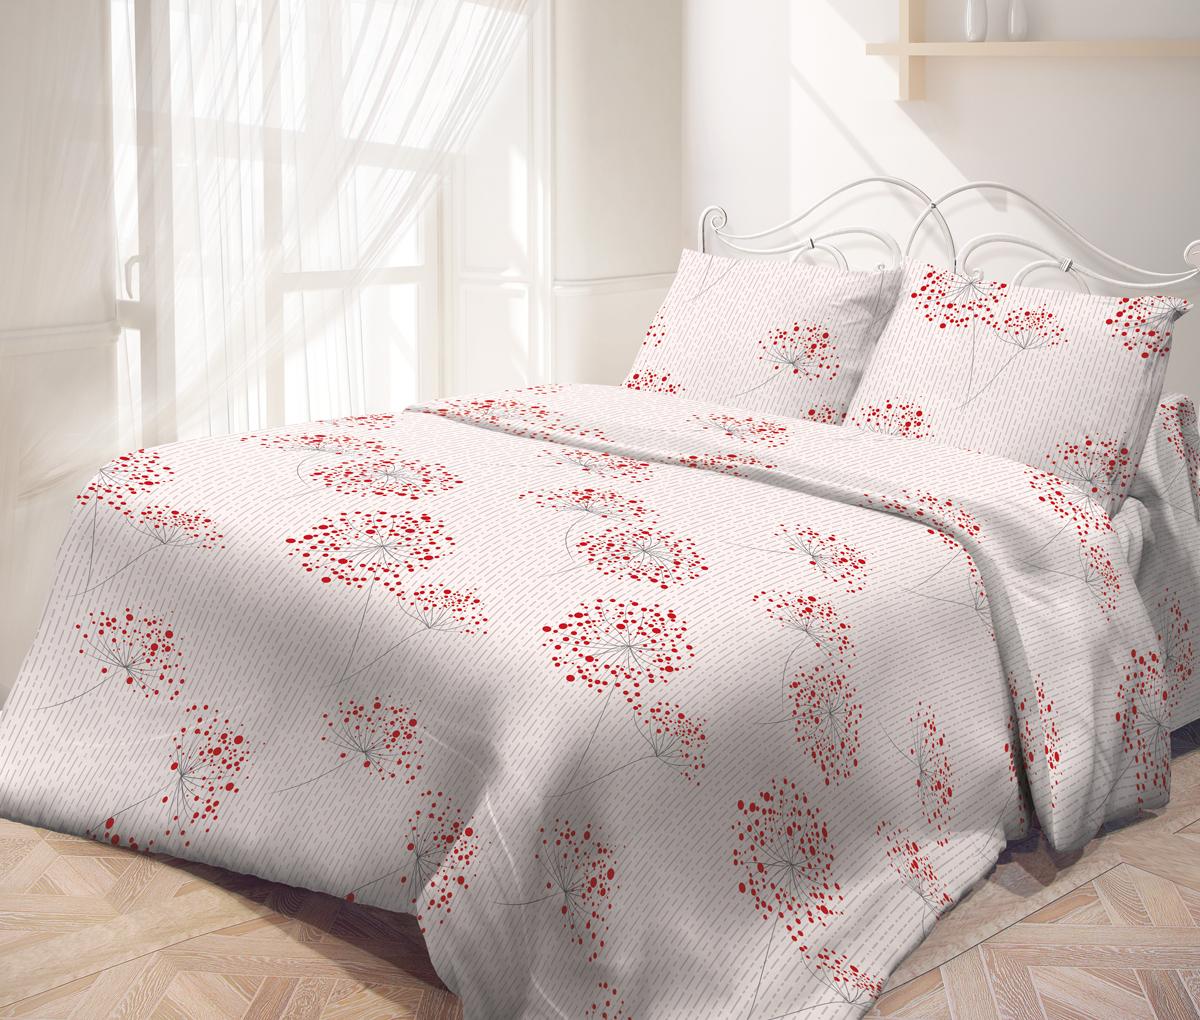 Комплект белья Самойловский текстиль Легкость, семейный, наволочки 70х70714285Комплект постельного белья Самойловский текстиль Легкость - это максимально натуральный, естественный комфорт и невероятно приятные тактильные ощущения и актуальные современные дизайны.Чрезвычайно мягкая на ощупь поверхность хлопковой ткани Cottonsoft - будто нежный и мягкий лепесток цветка. Она имеет бархатистую структуру благодаря использованию особого сырья и технологий при производстве. Неприхотливая в уходе, 100% натуральная, износостойкая, но самое главное - особенно мягкая, она безусловно понравится тем, кто любит понежиться в постели и станет отличной альтернативой традиционным комплектам из тканей полотняной структуры.Советы по выбору постельного белья от блогера Ирины Соковых. Статья OZON Гид